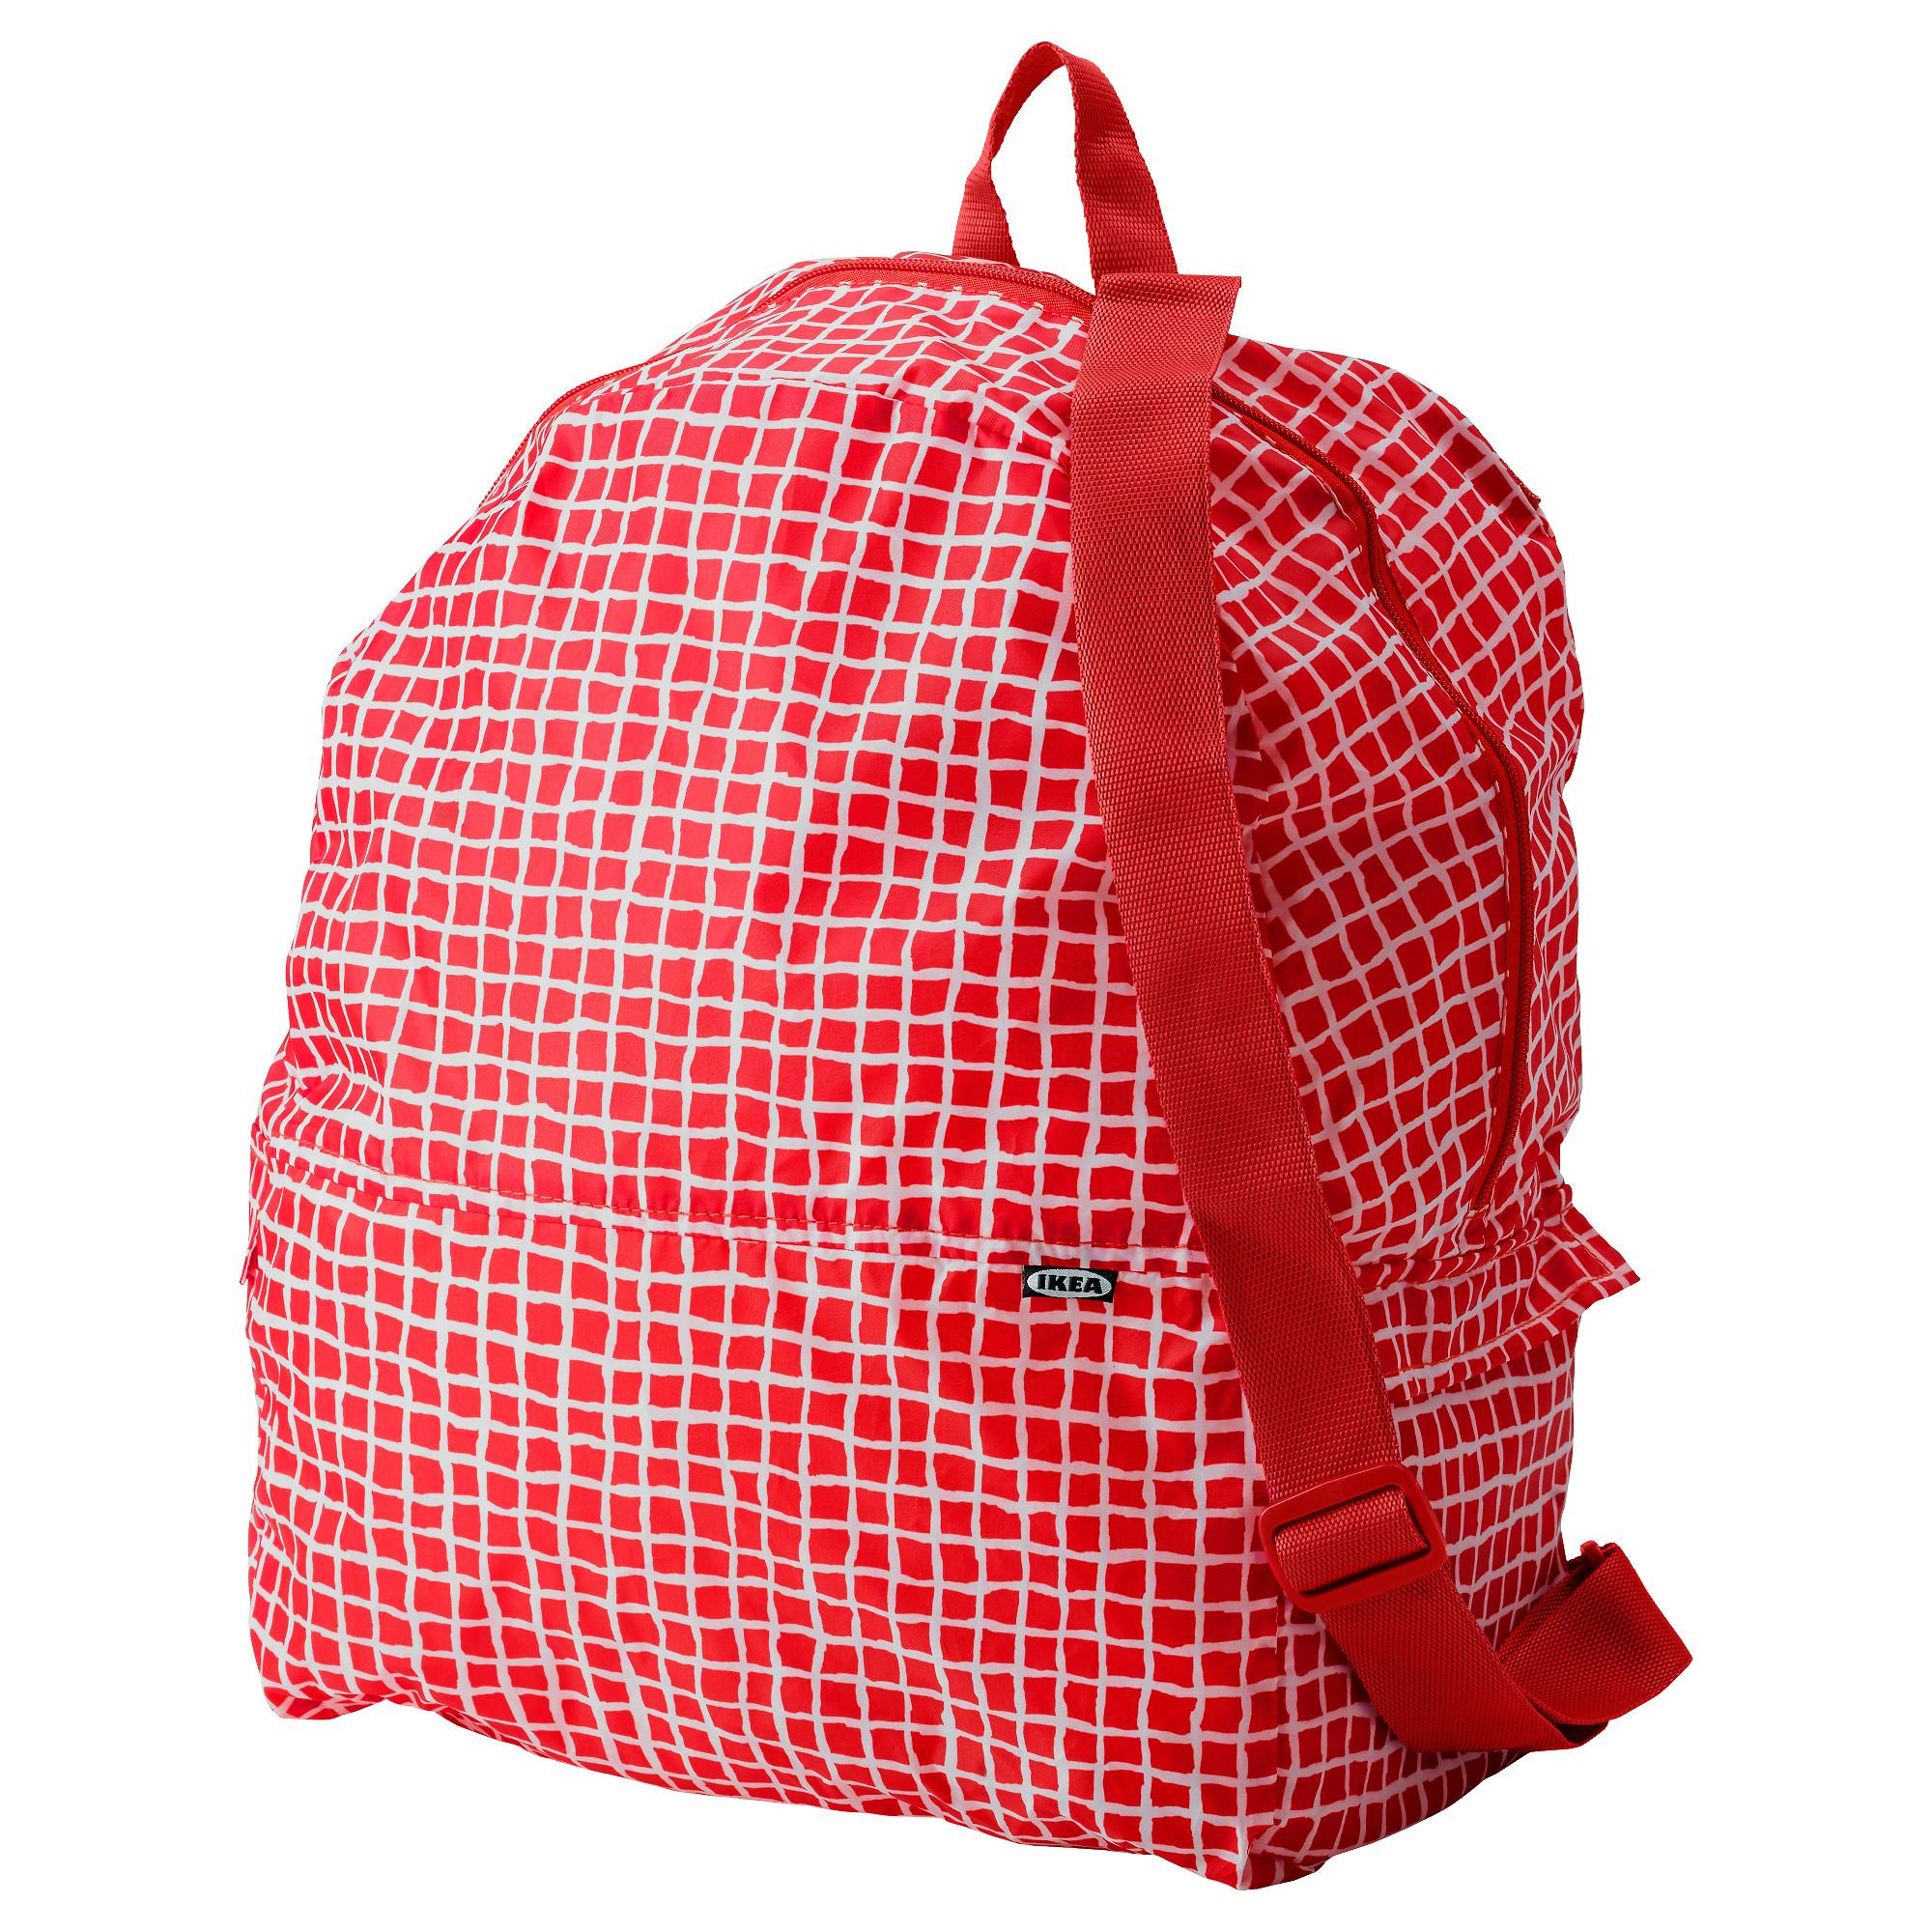 Рюкзак КНЭЛЛА красный/белый артикуль № 303.791.23 в наличии. Интернет сайт ИКЕА Беларусь. Быстрая доставка и установка.